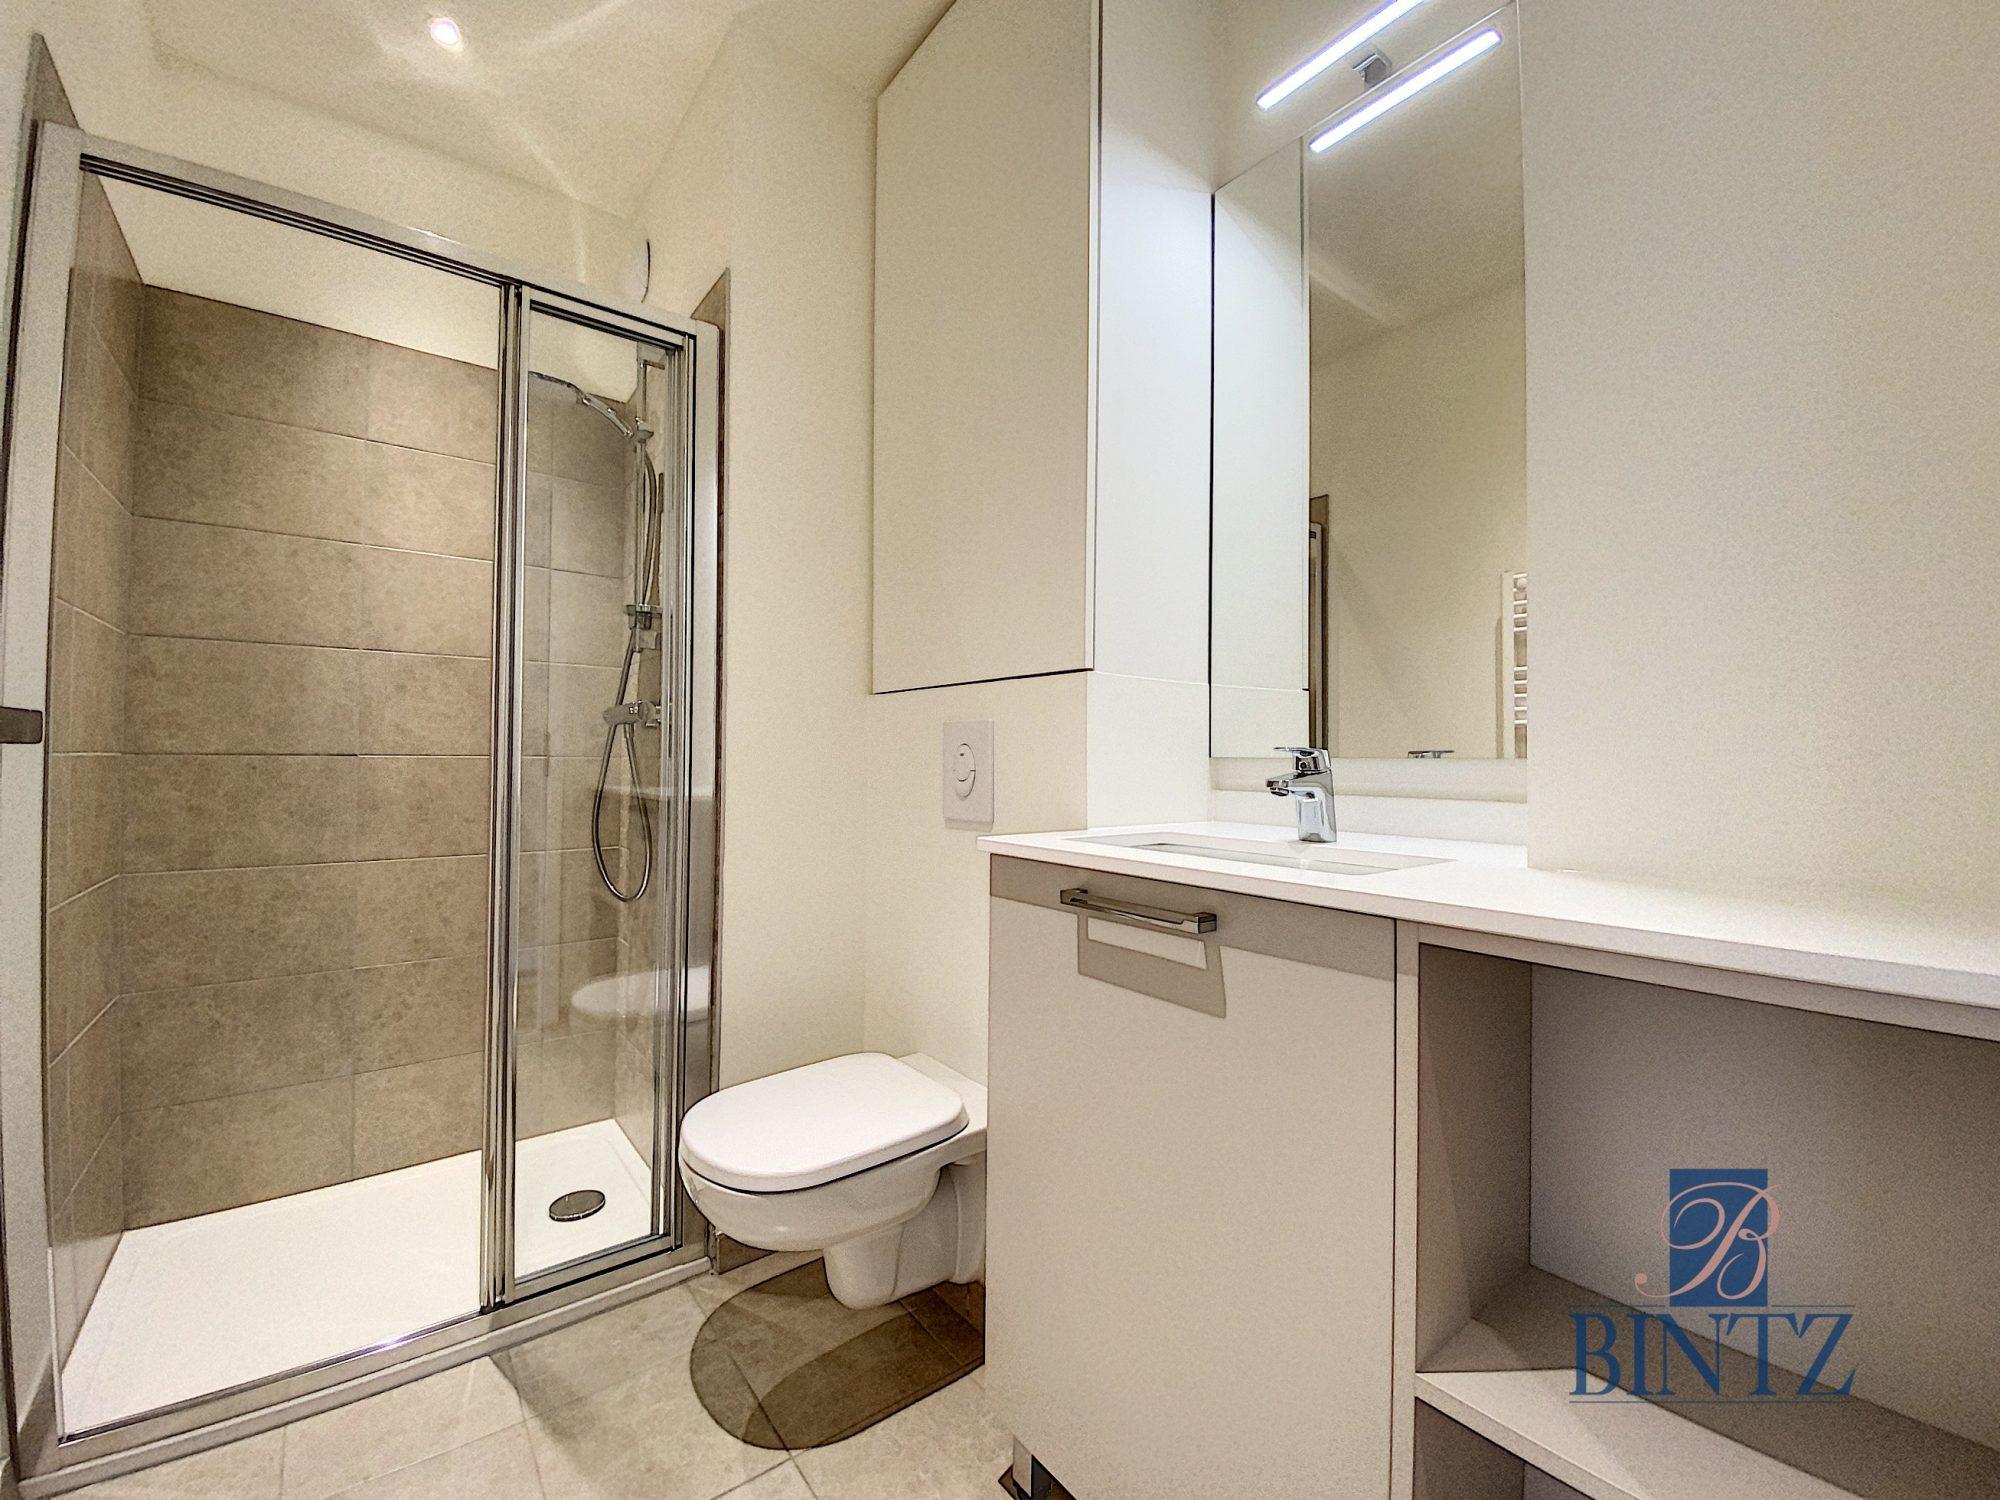 2 Pièces neuf avec balcon - Devenez locataire en toute sérénité - Bintz Immobilier - 6